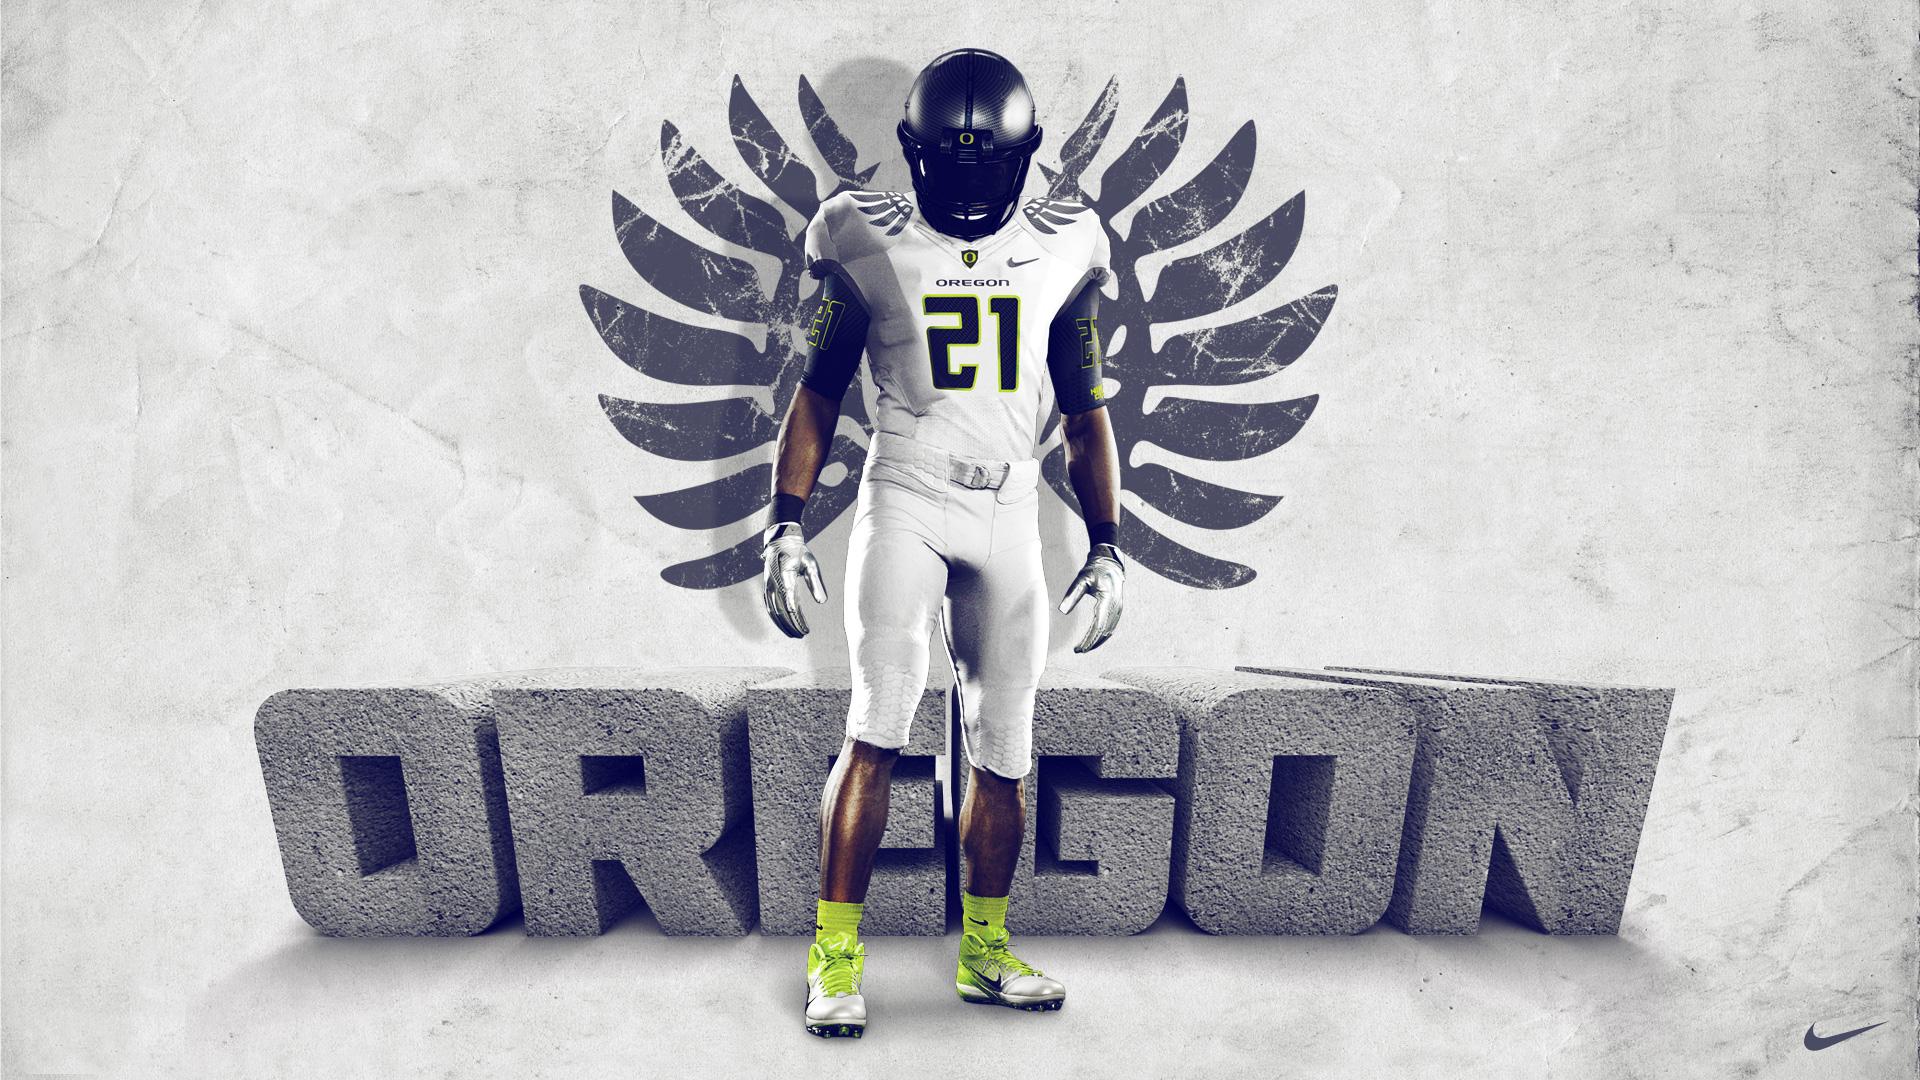 BCS Championship Oregon Ducks Uniform Wallpaper   NikeBlogcom 1920x1080